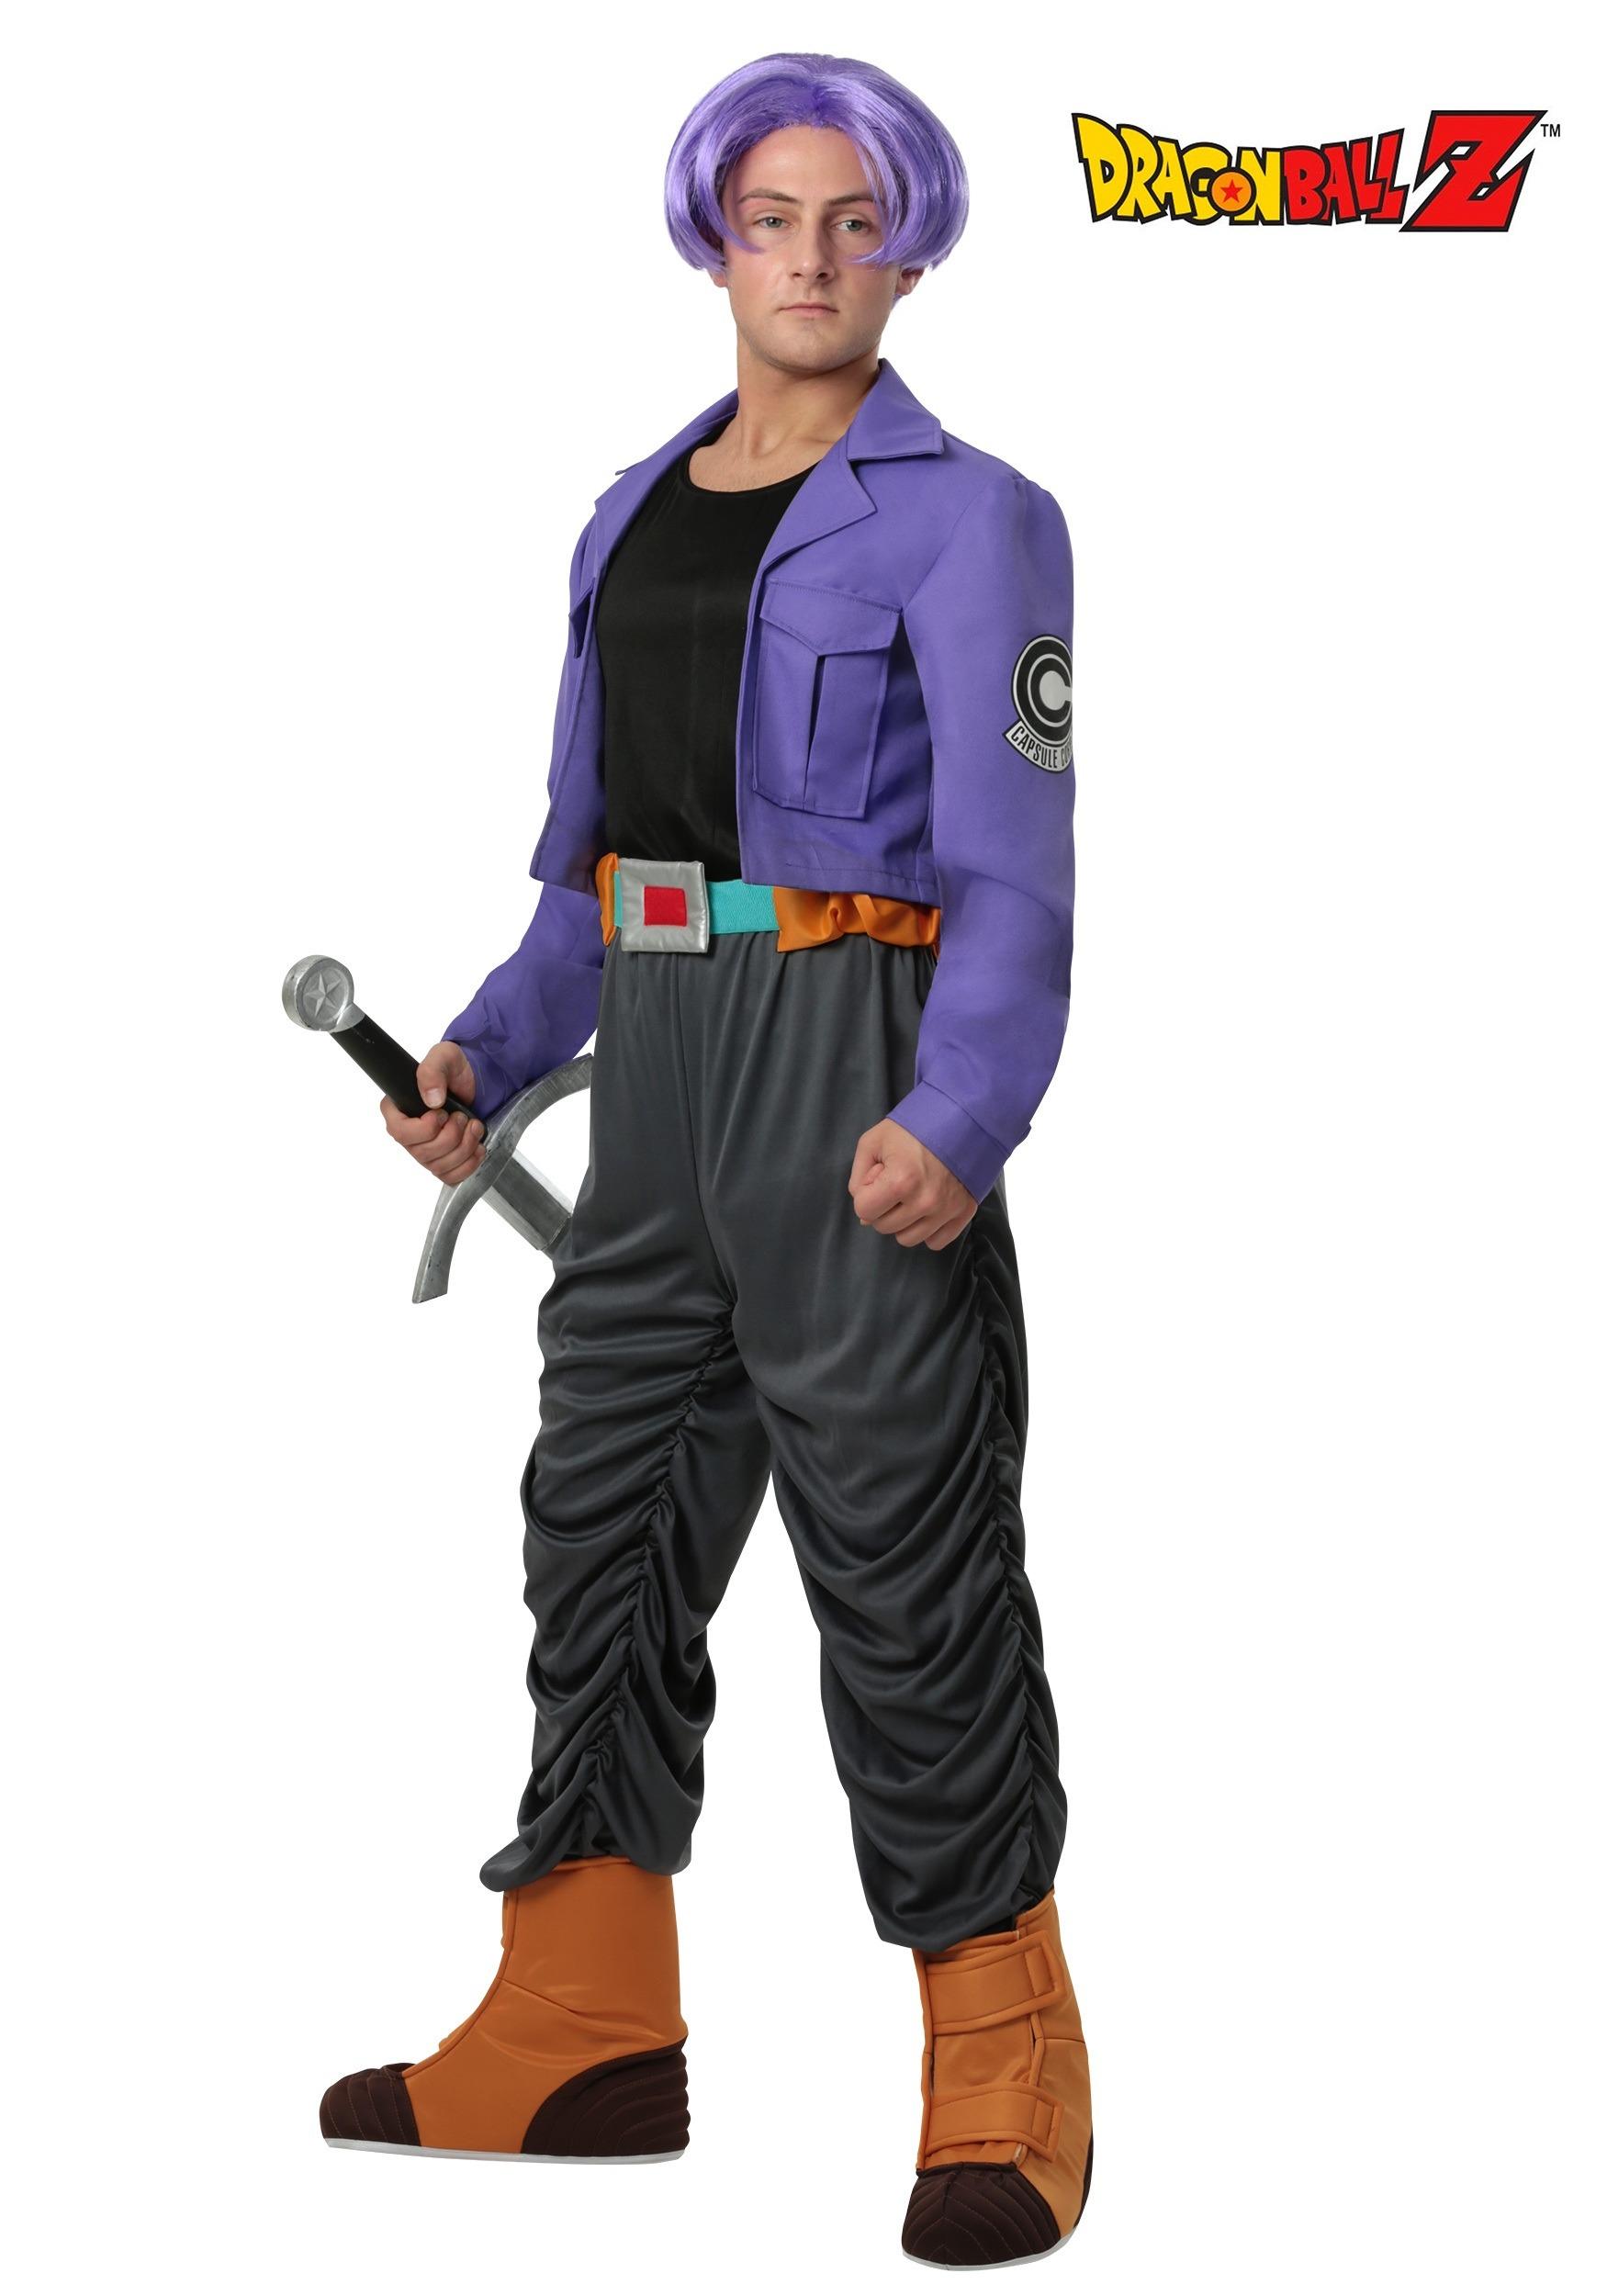 Dragon Ball Z Trunks Costume For Men